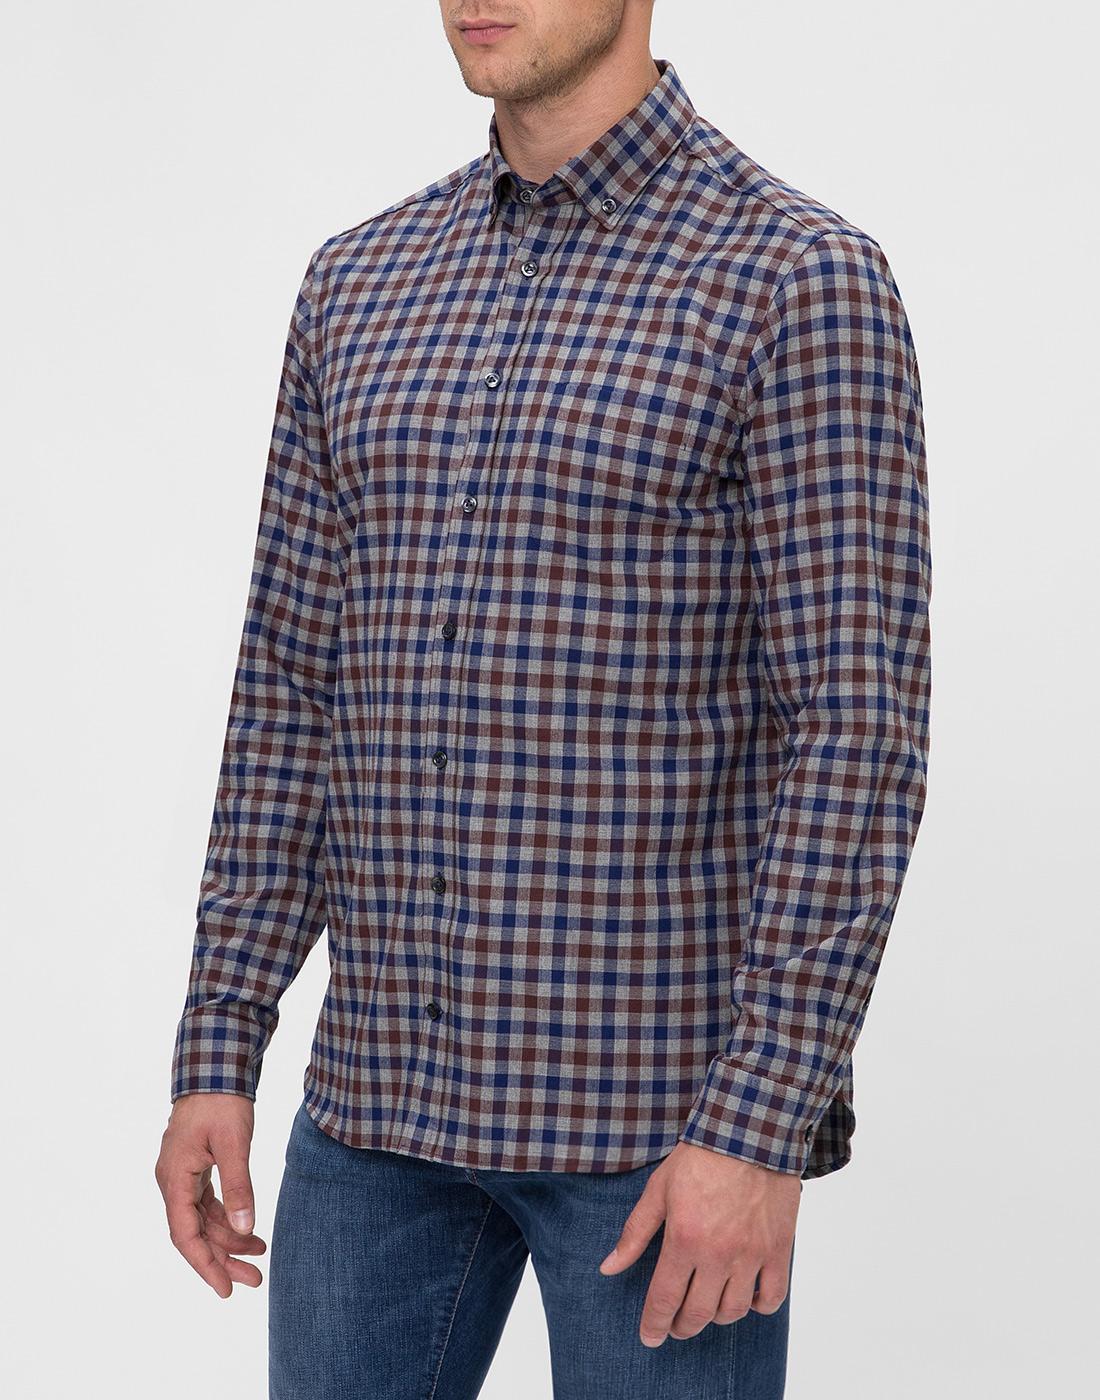 Мужская рубашка в клетку Van Laack S156193/780-3